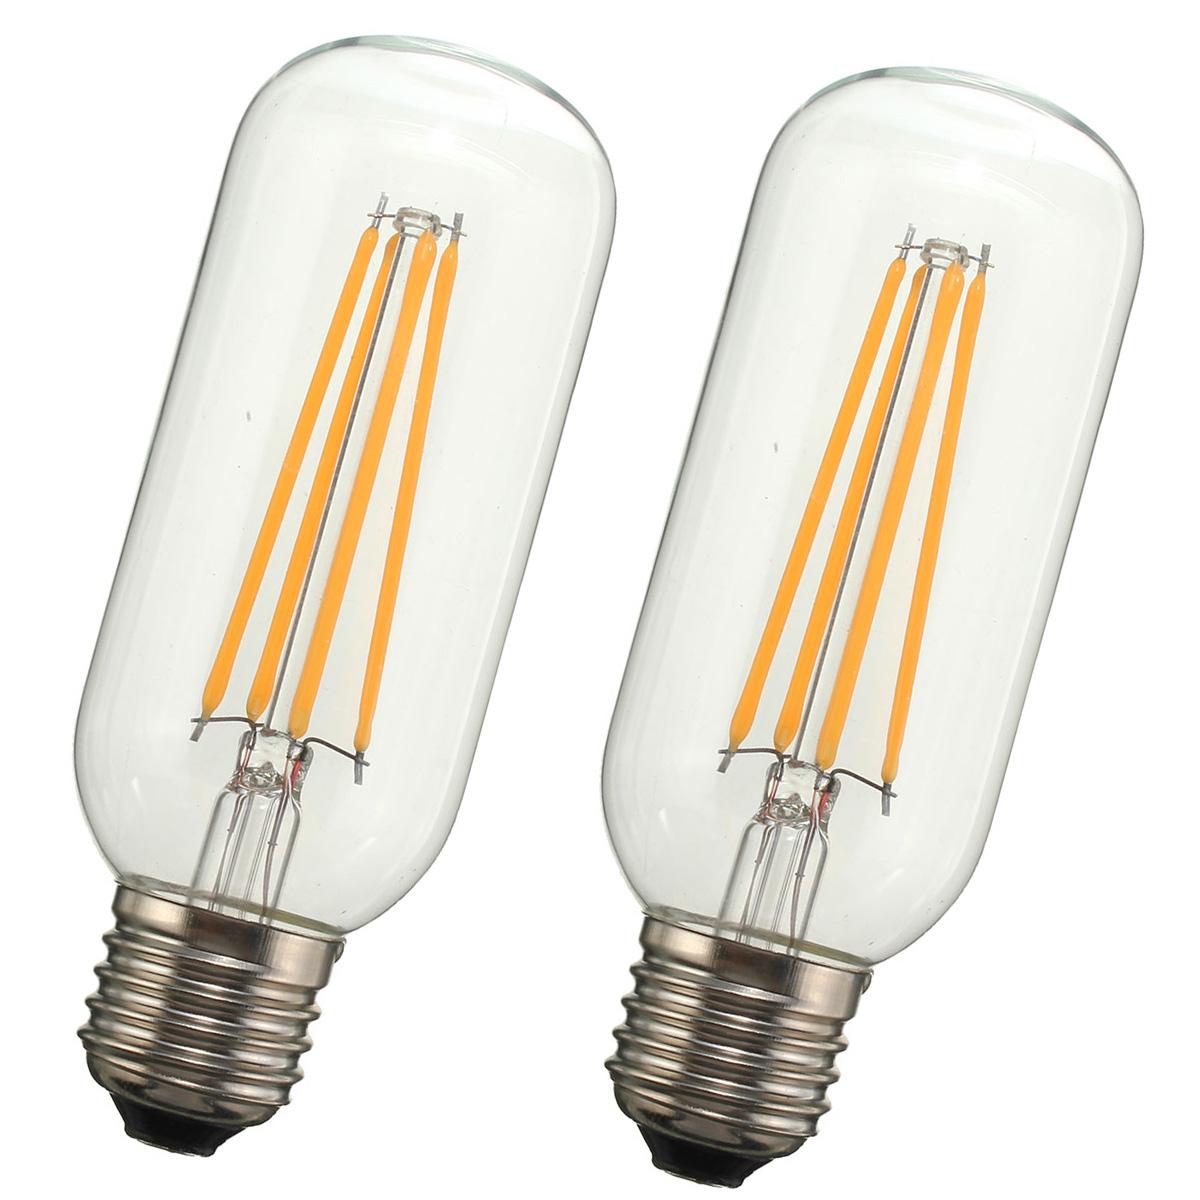 Kingso T45 E26E27 Dimmable Edison LED Bulbs Warm White